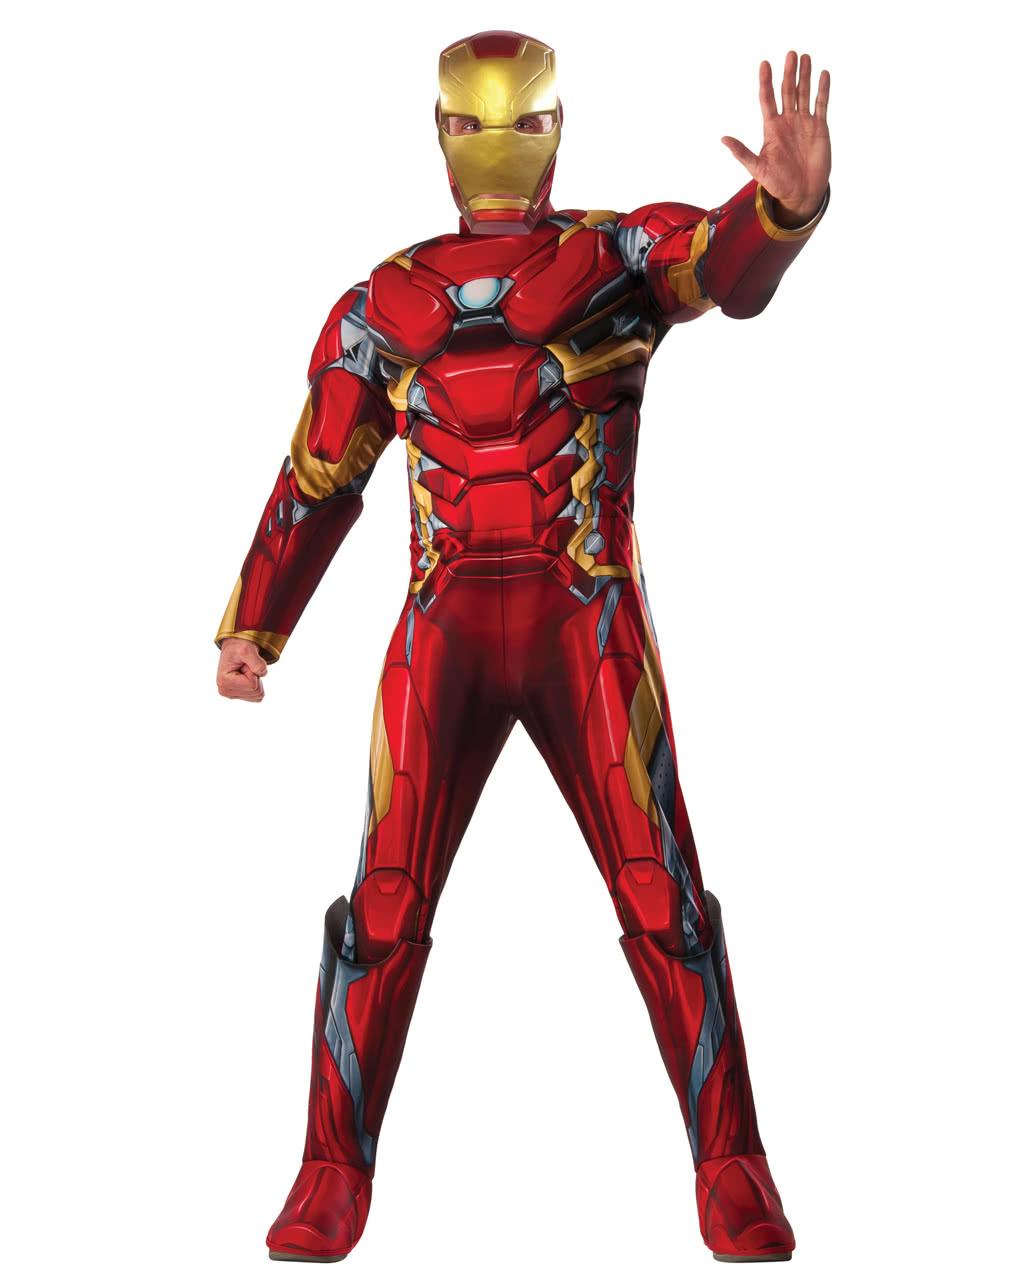 24034d7a2461c Iron Man Kostüm 3D Print | Avengers Kostüm | Horror-Shop.com